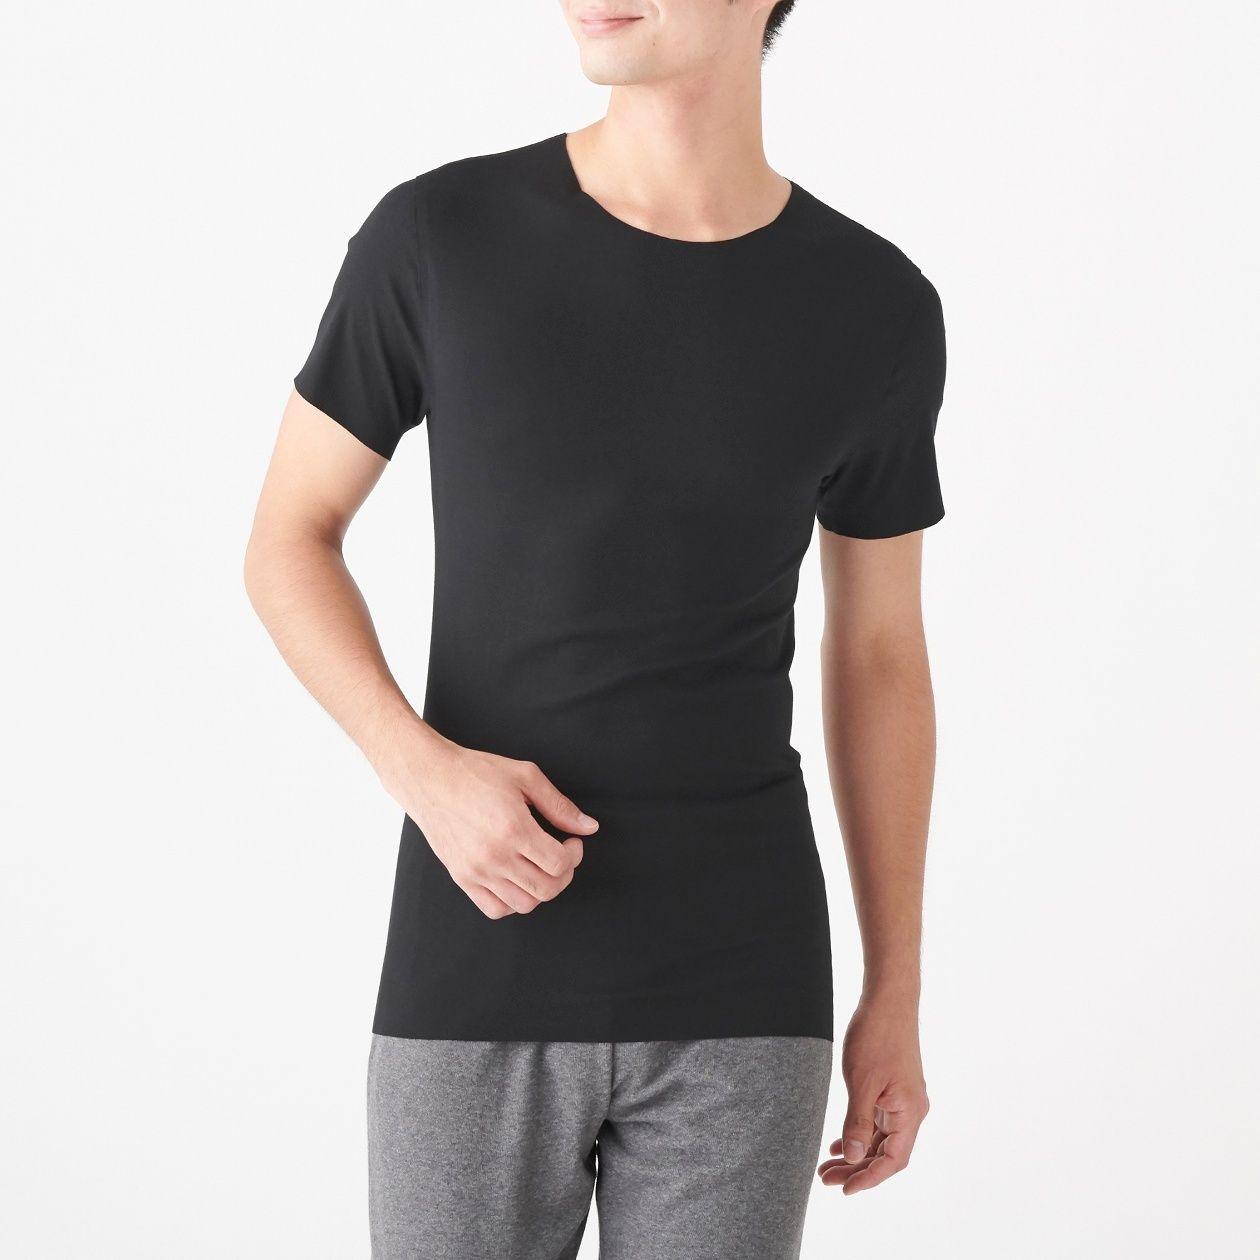 どこにも縫い目がないクルーネック半袖Tシャツ